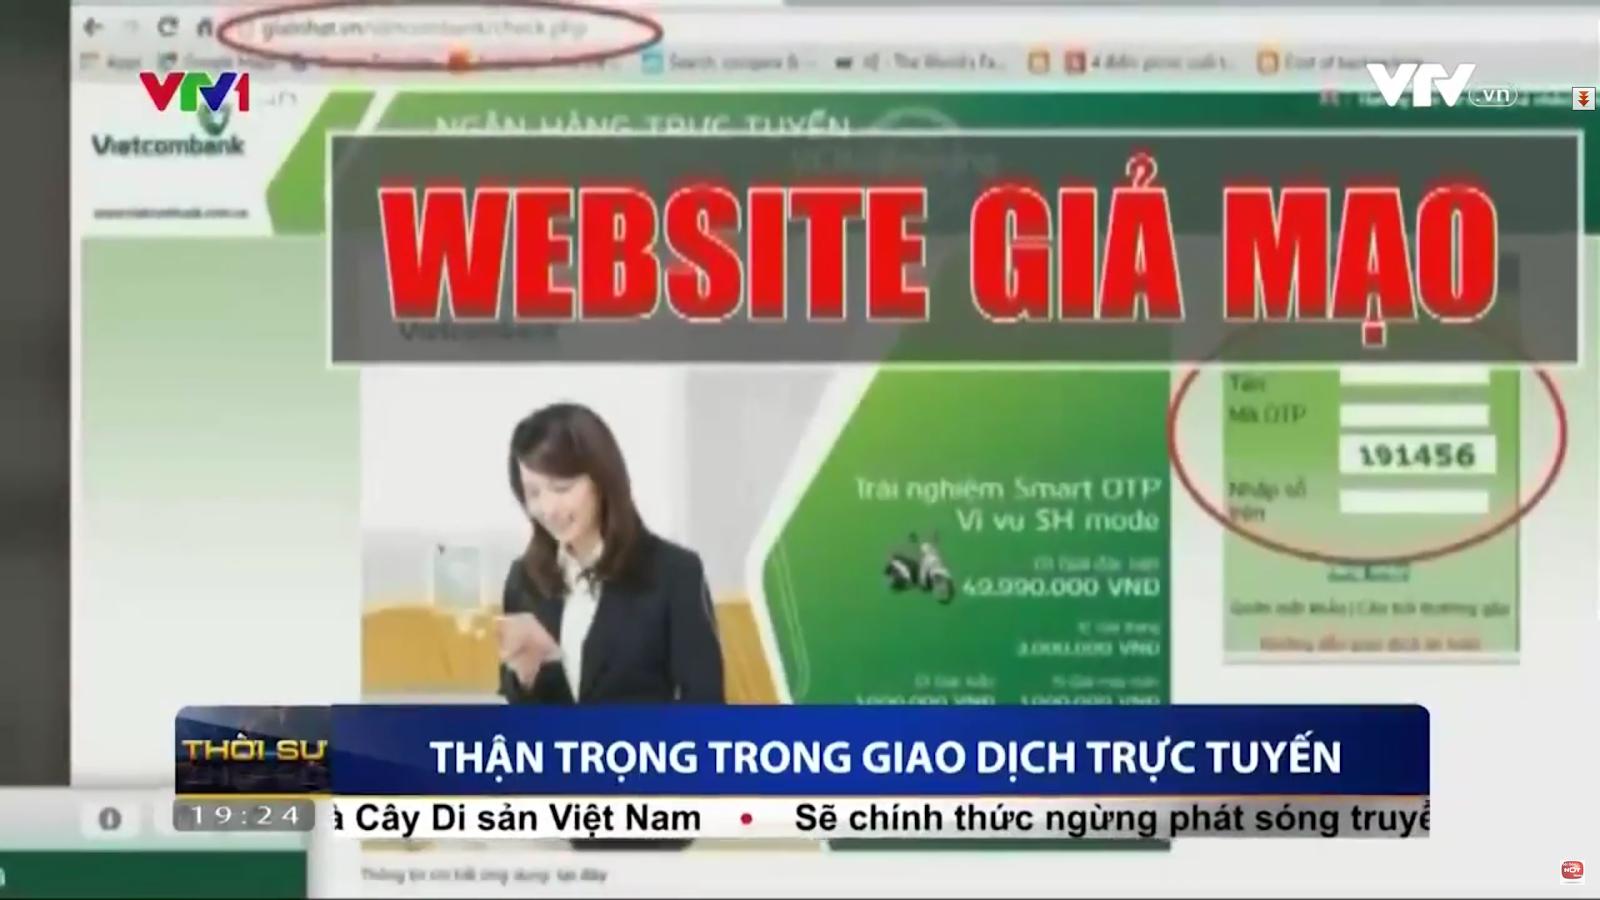 Sự cố Vietcombank, một góc nhìn kỹ thuật